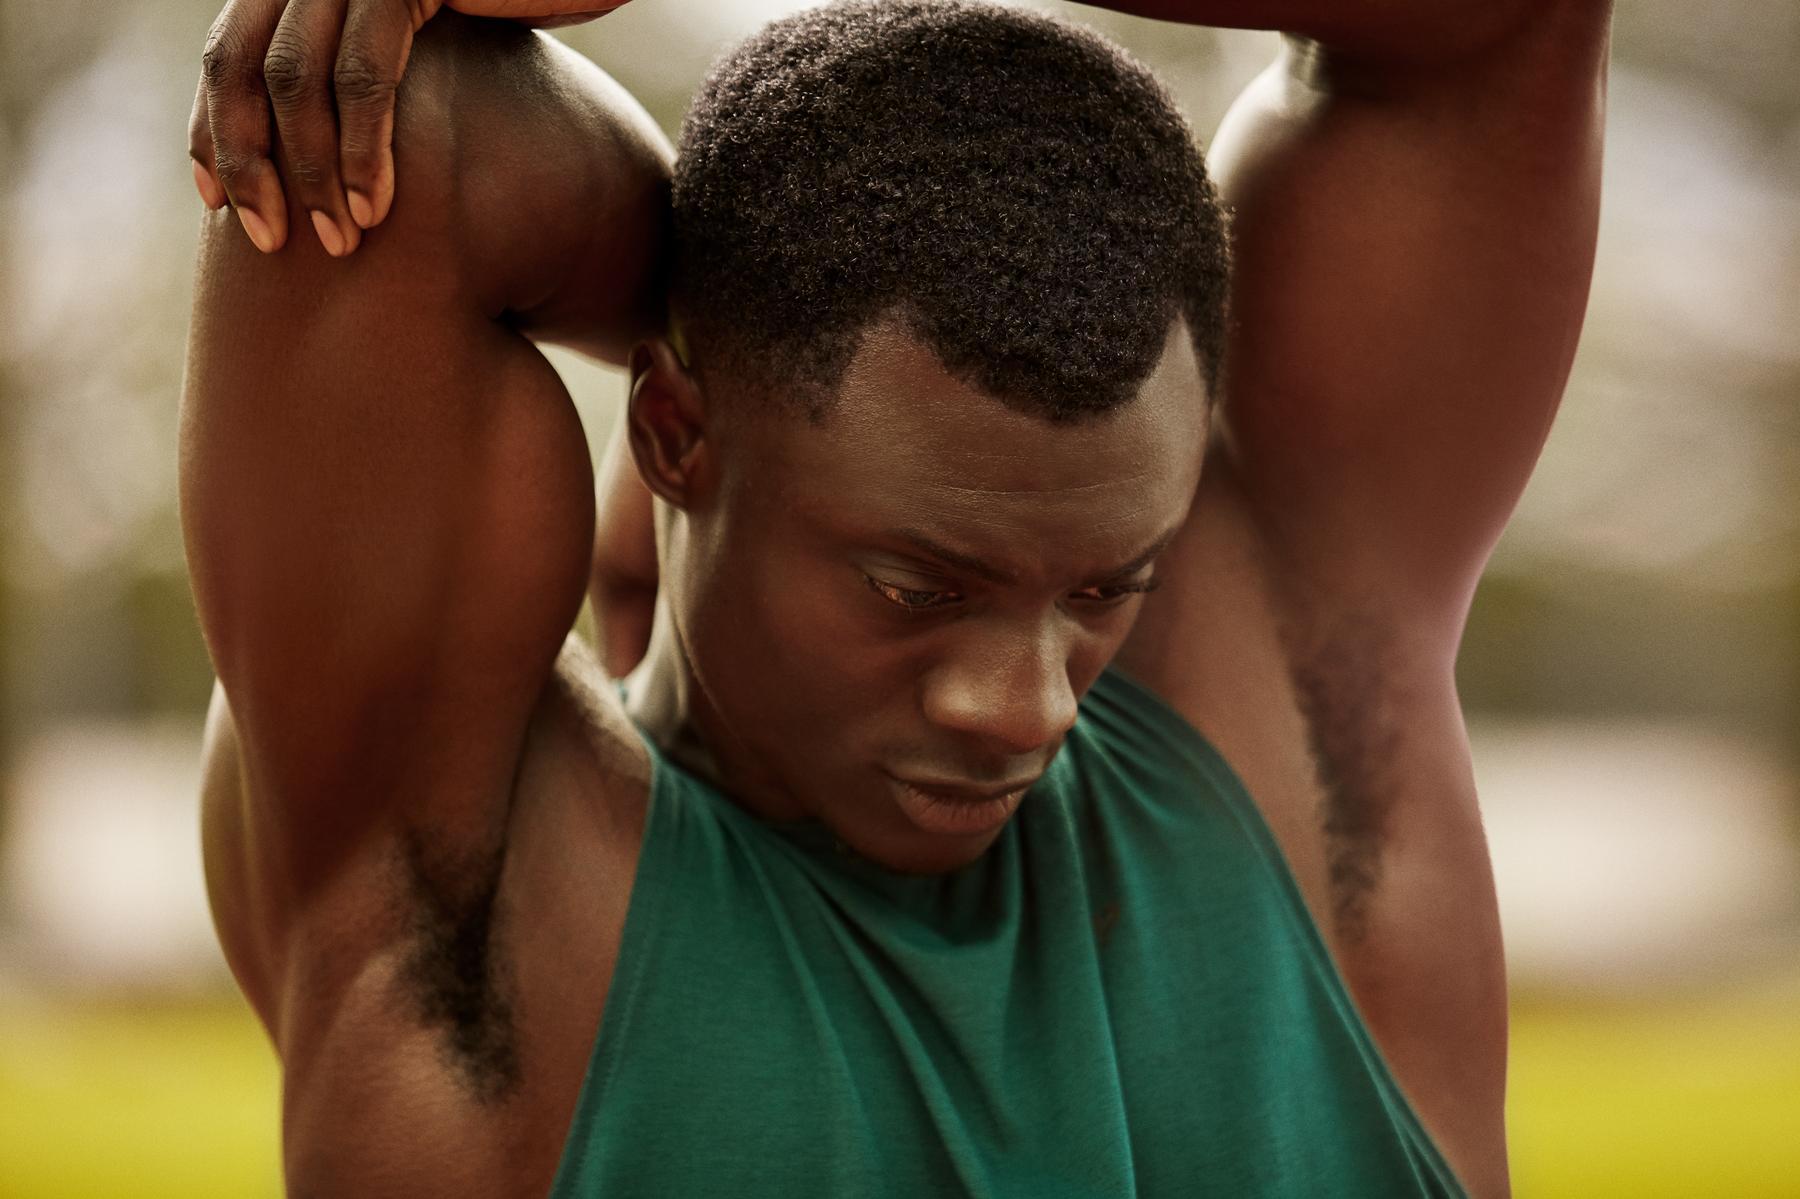 Potenciadores de testosterona | ¿Realmente funcionan?